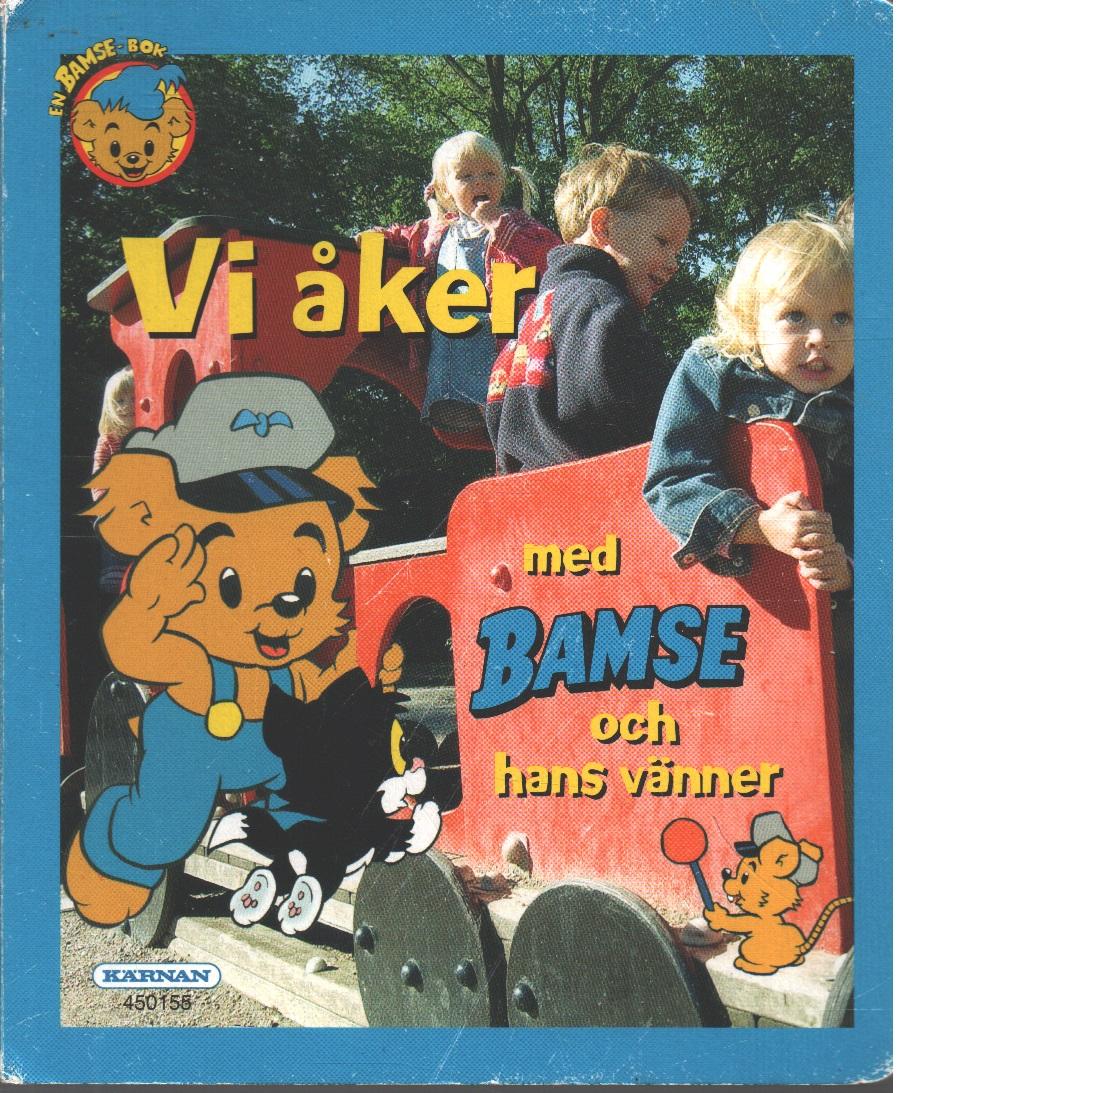 Vi åker med Bamse och hans vänner - Red.